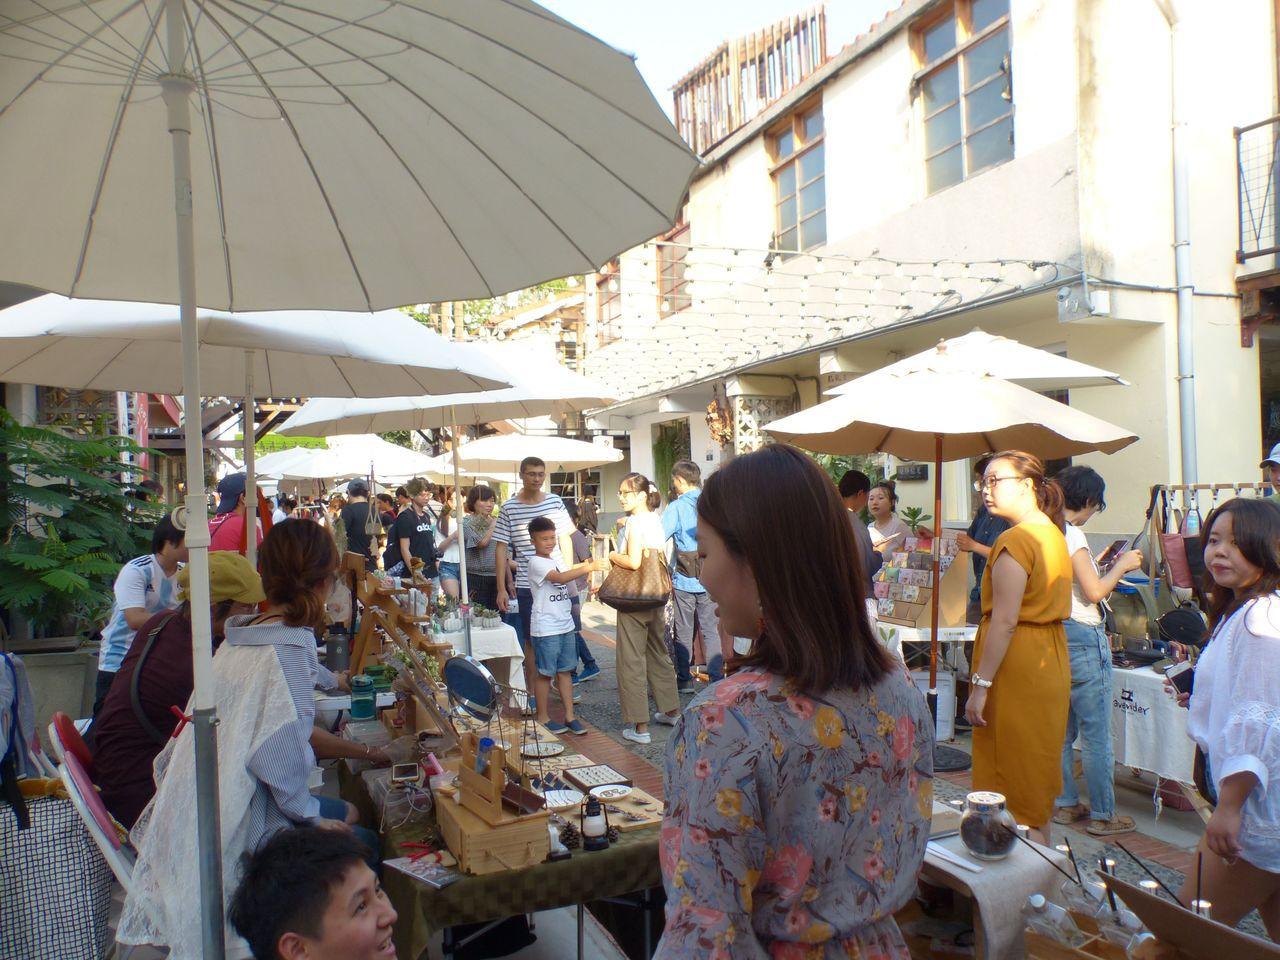 台中市審計新村是成功轉型的青年創業基地,假日吸引人潮,成為熱門旅遊打卡景點。圖/...